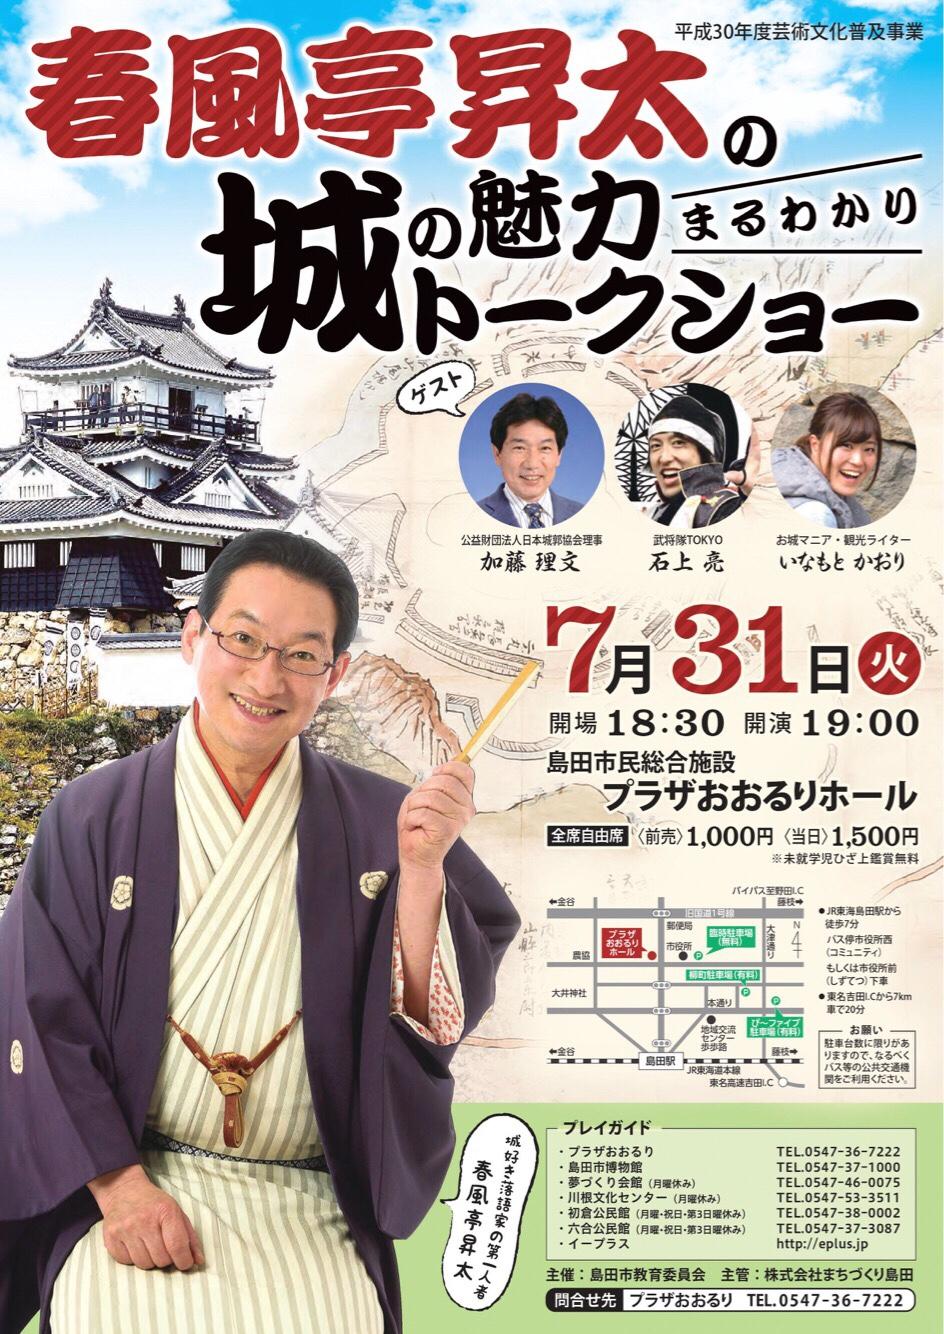 島田市でのトークイベントレポート